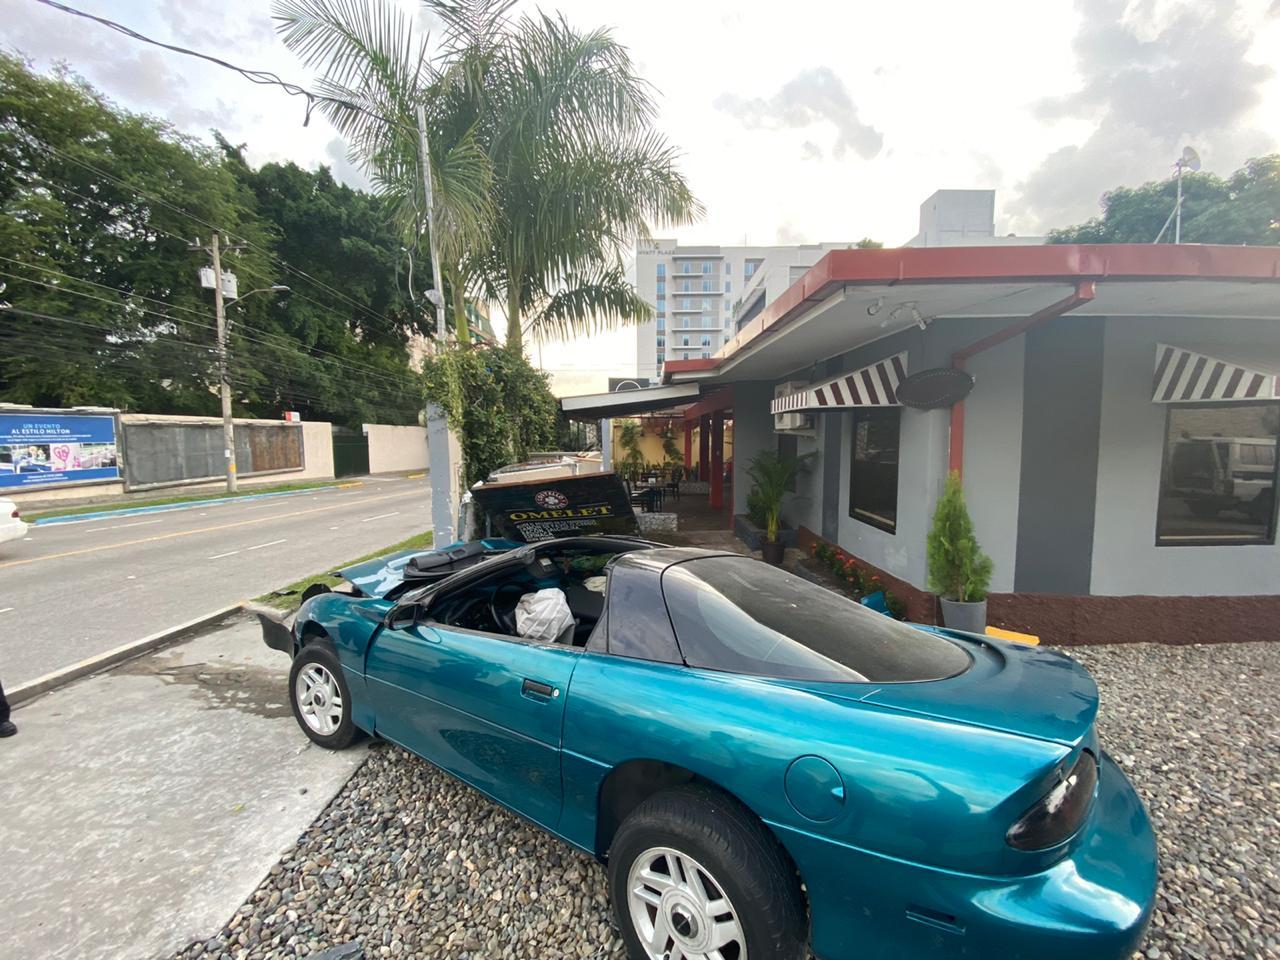 En menos de 30 minutos se registran tres accidentes viales dejando varios heridos en San Pedro Sula